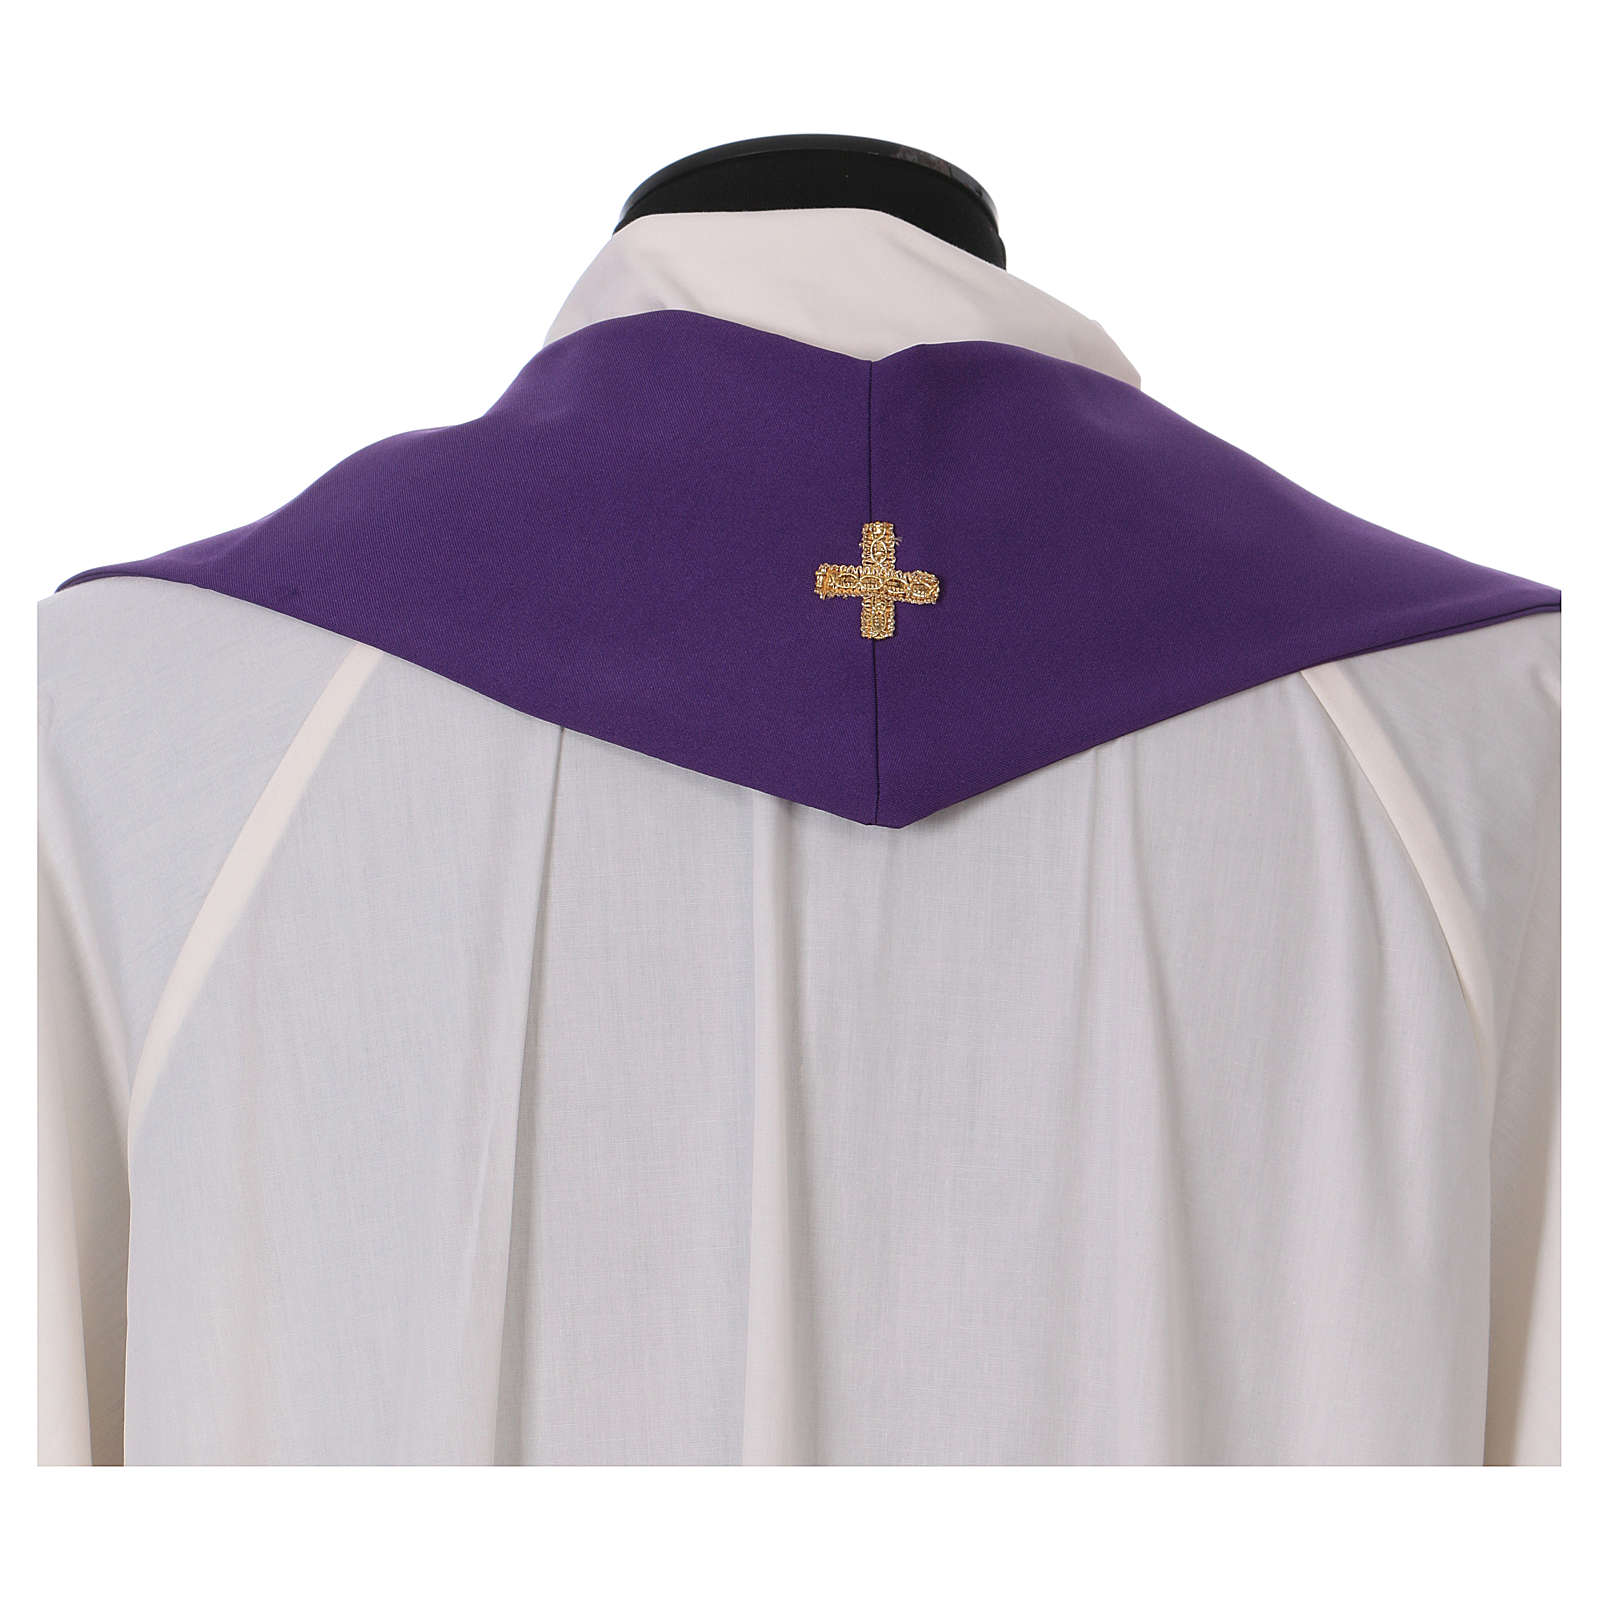 Stuła haft kielich winogron kłosy złoty i srebrny dwustronny Vatican 4